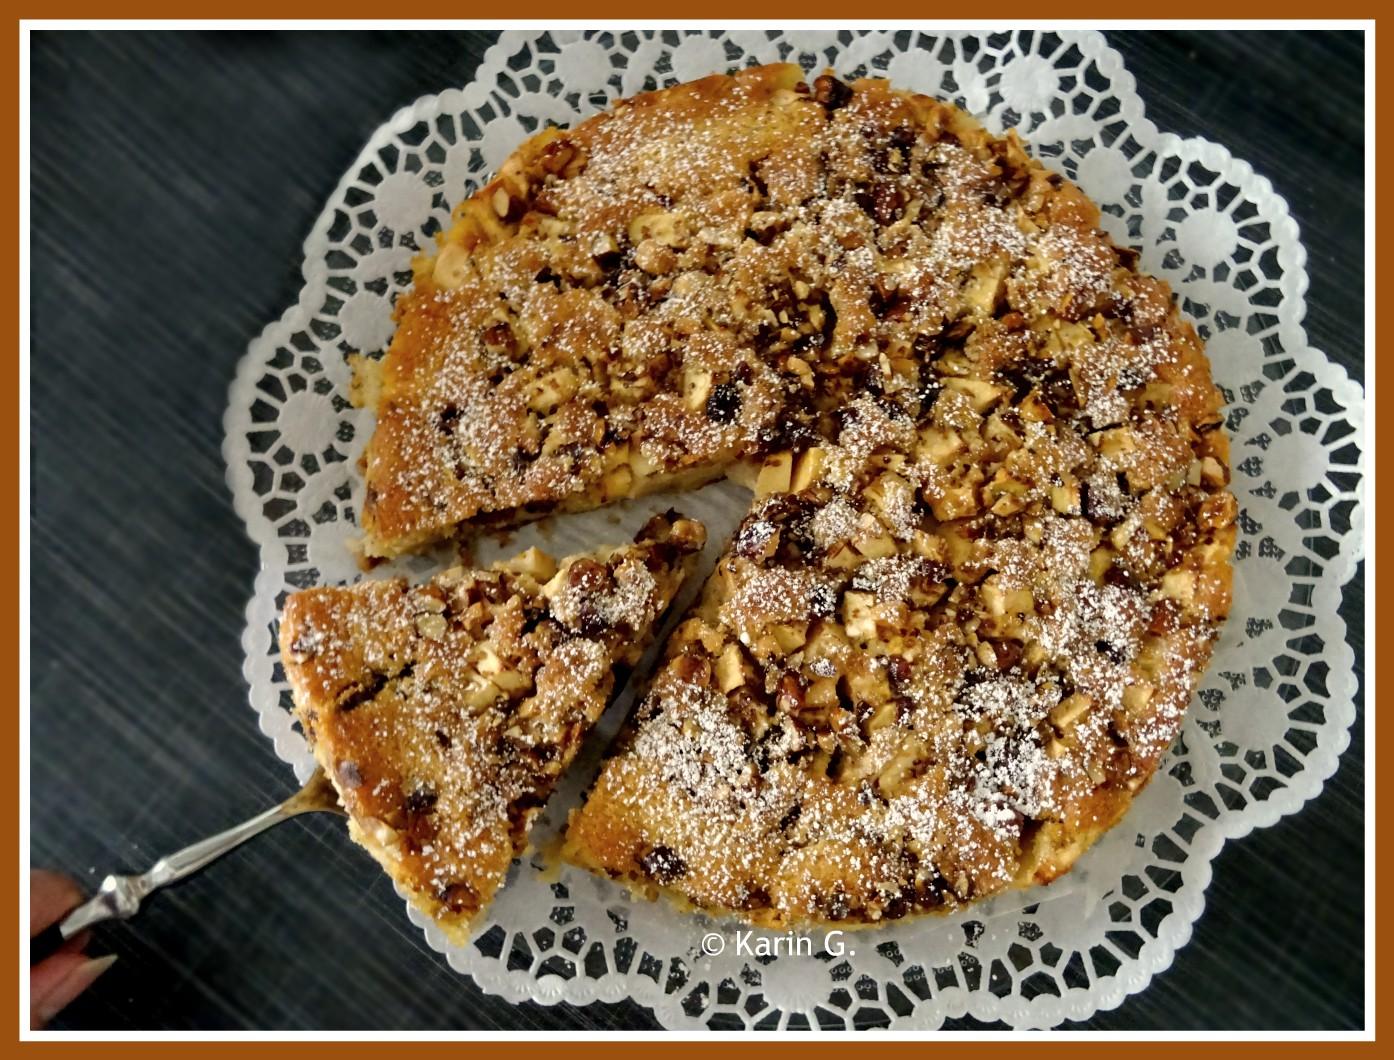 Ich Hab Da Mal Was Ausprobiert Pikanter Gewurz Apfel Nuss Kuchen